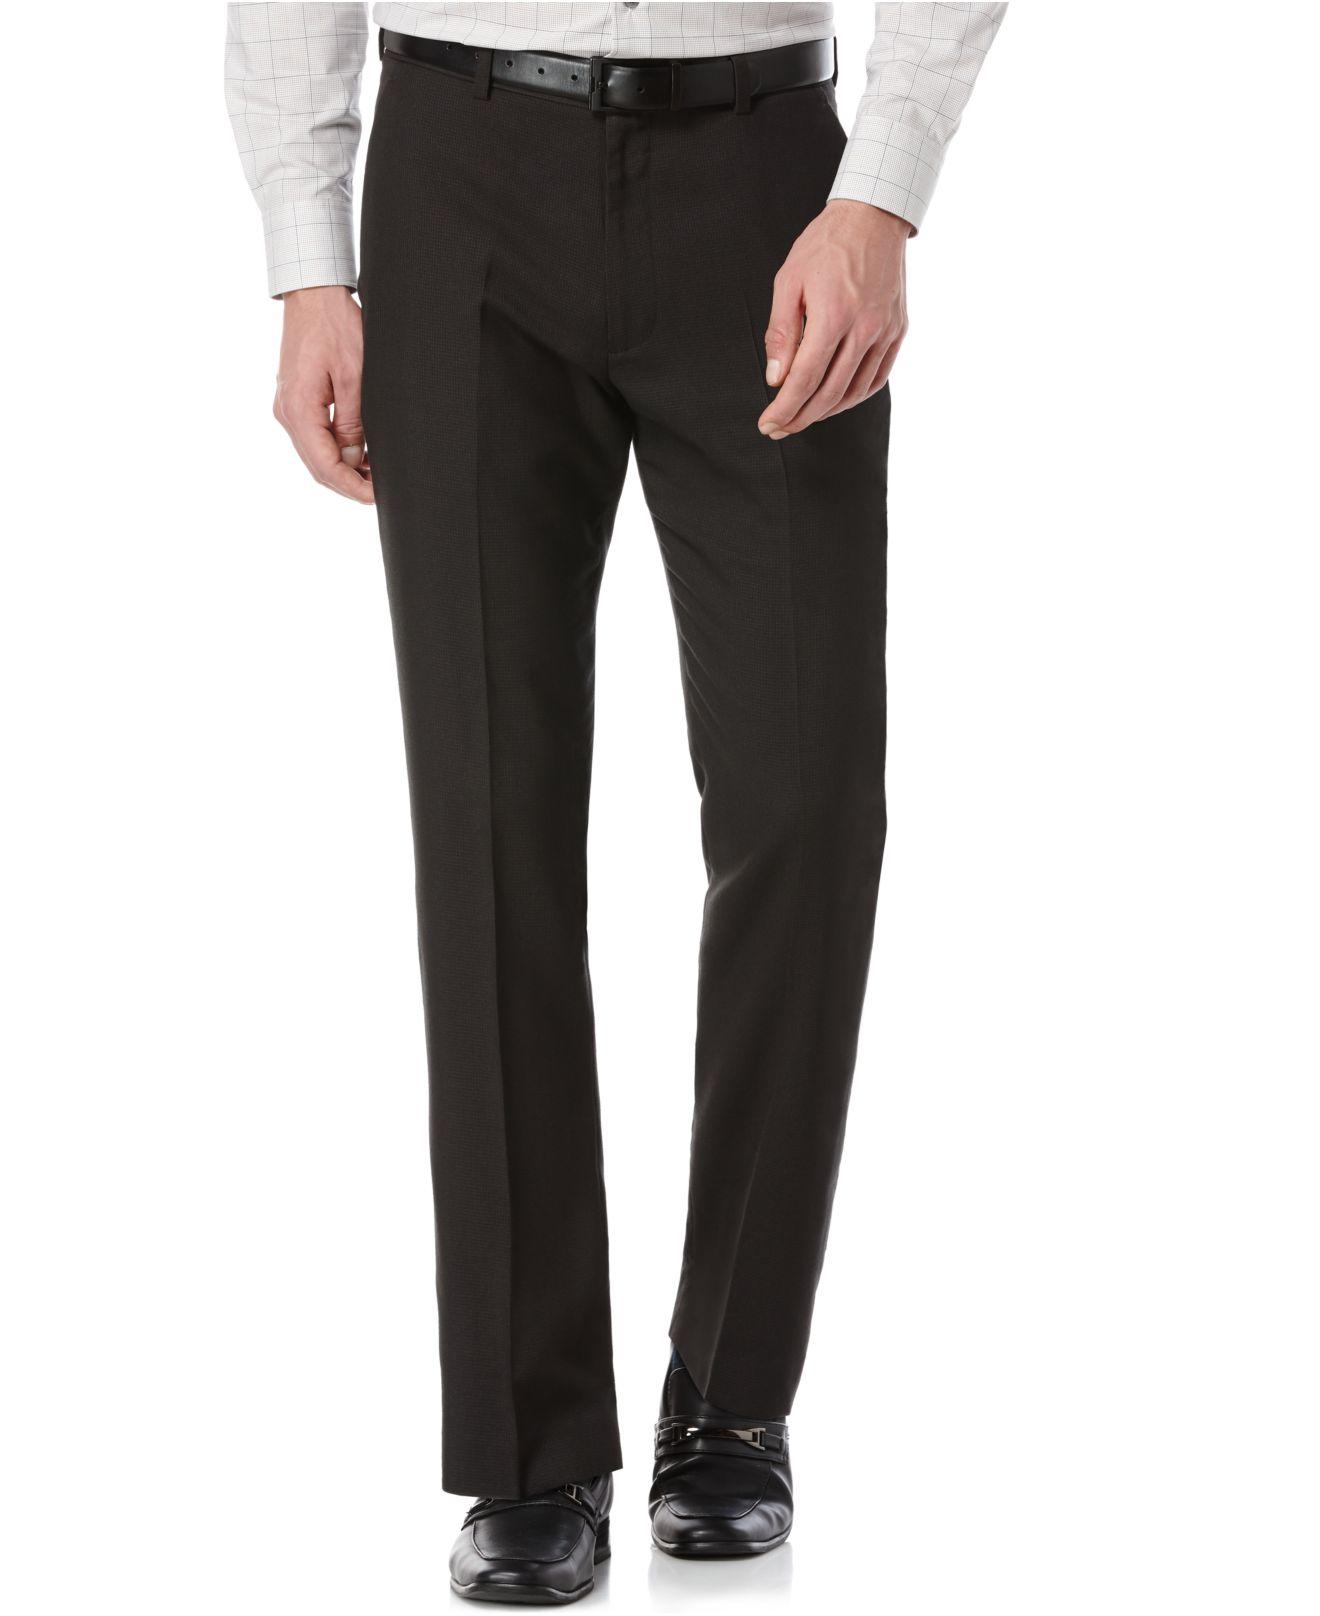 Perry Ellis Micro Check Dress Pants In Brown For Men Dark